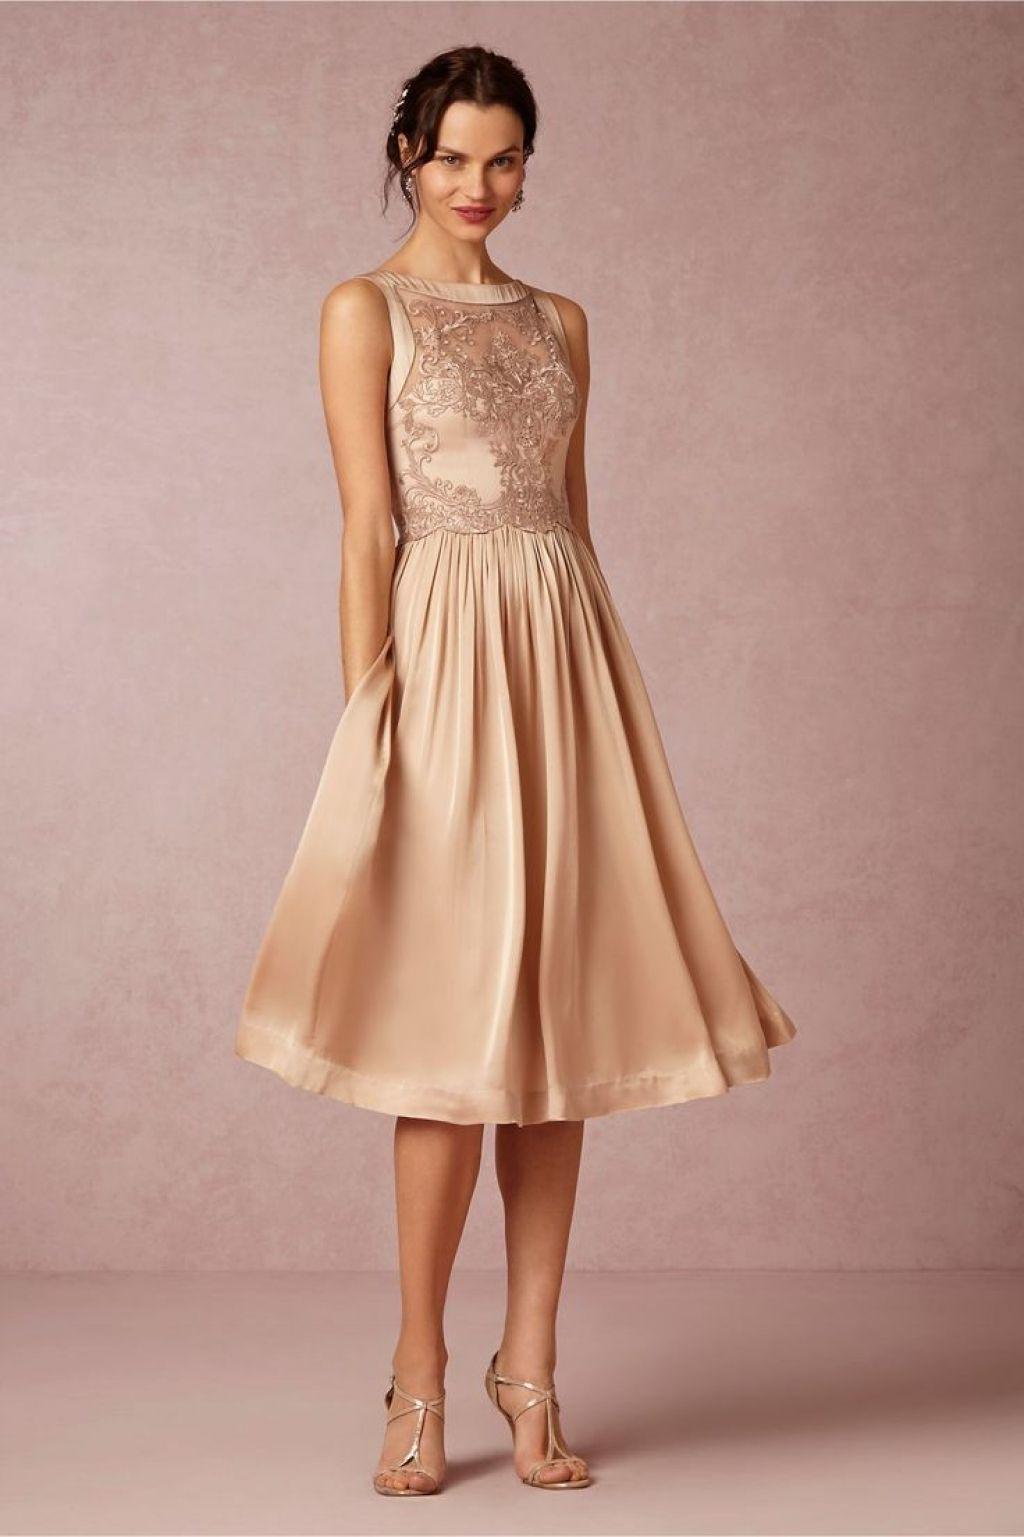 Designer Schön Kleid Für Die Hochzeit Stylish13 Cool Kleid Für Die Hochzeit Stylish